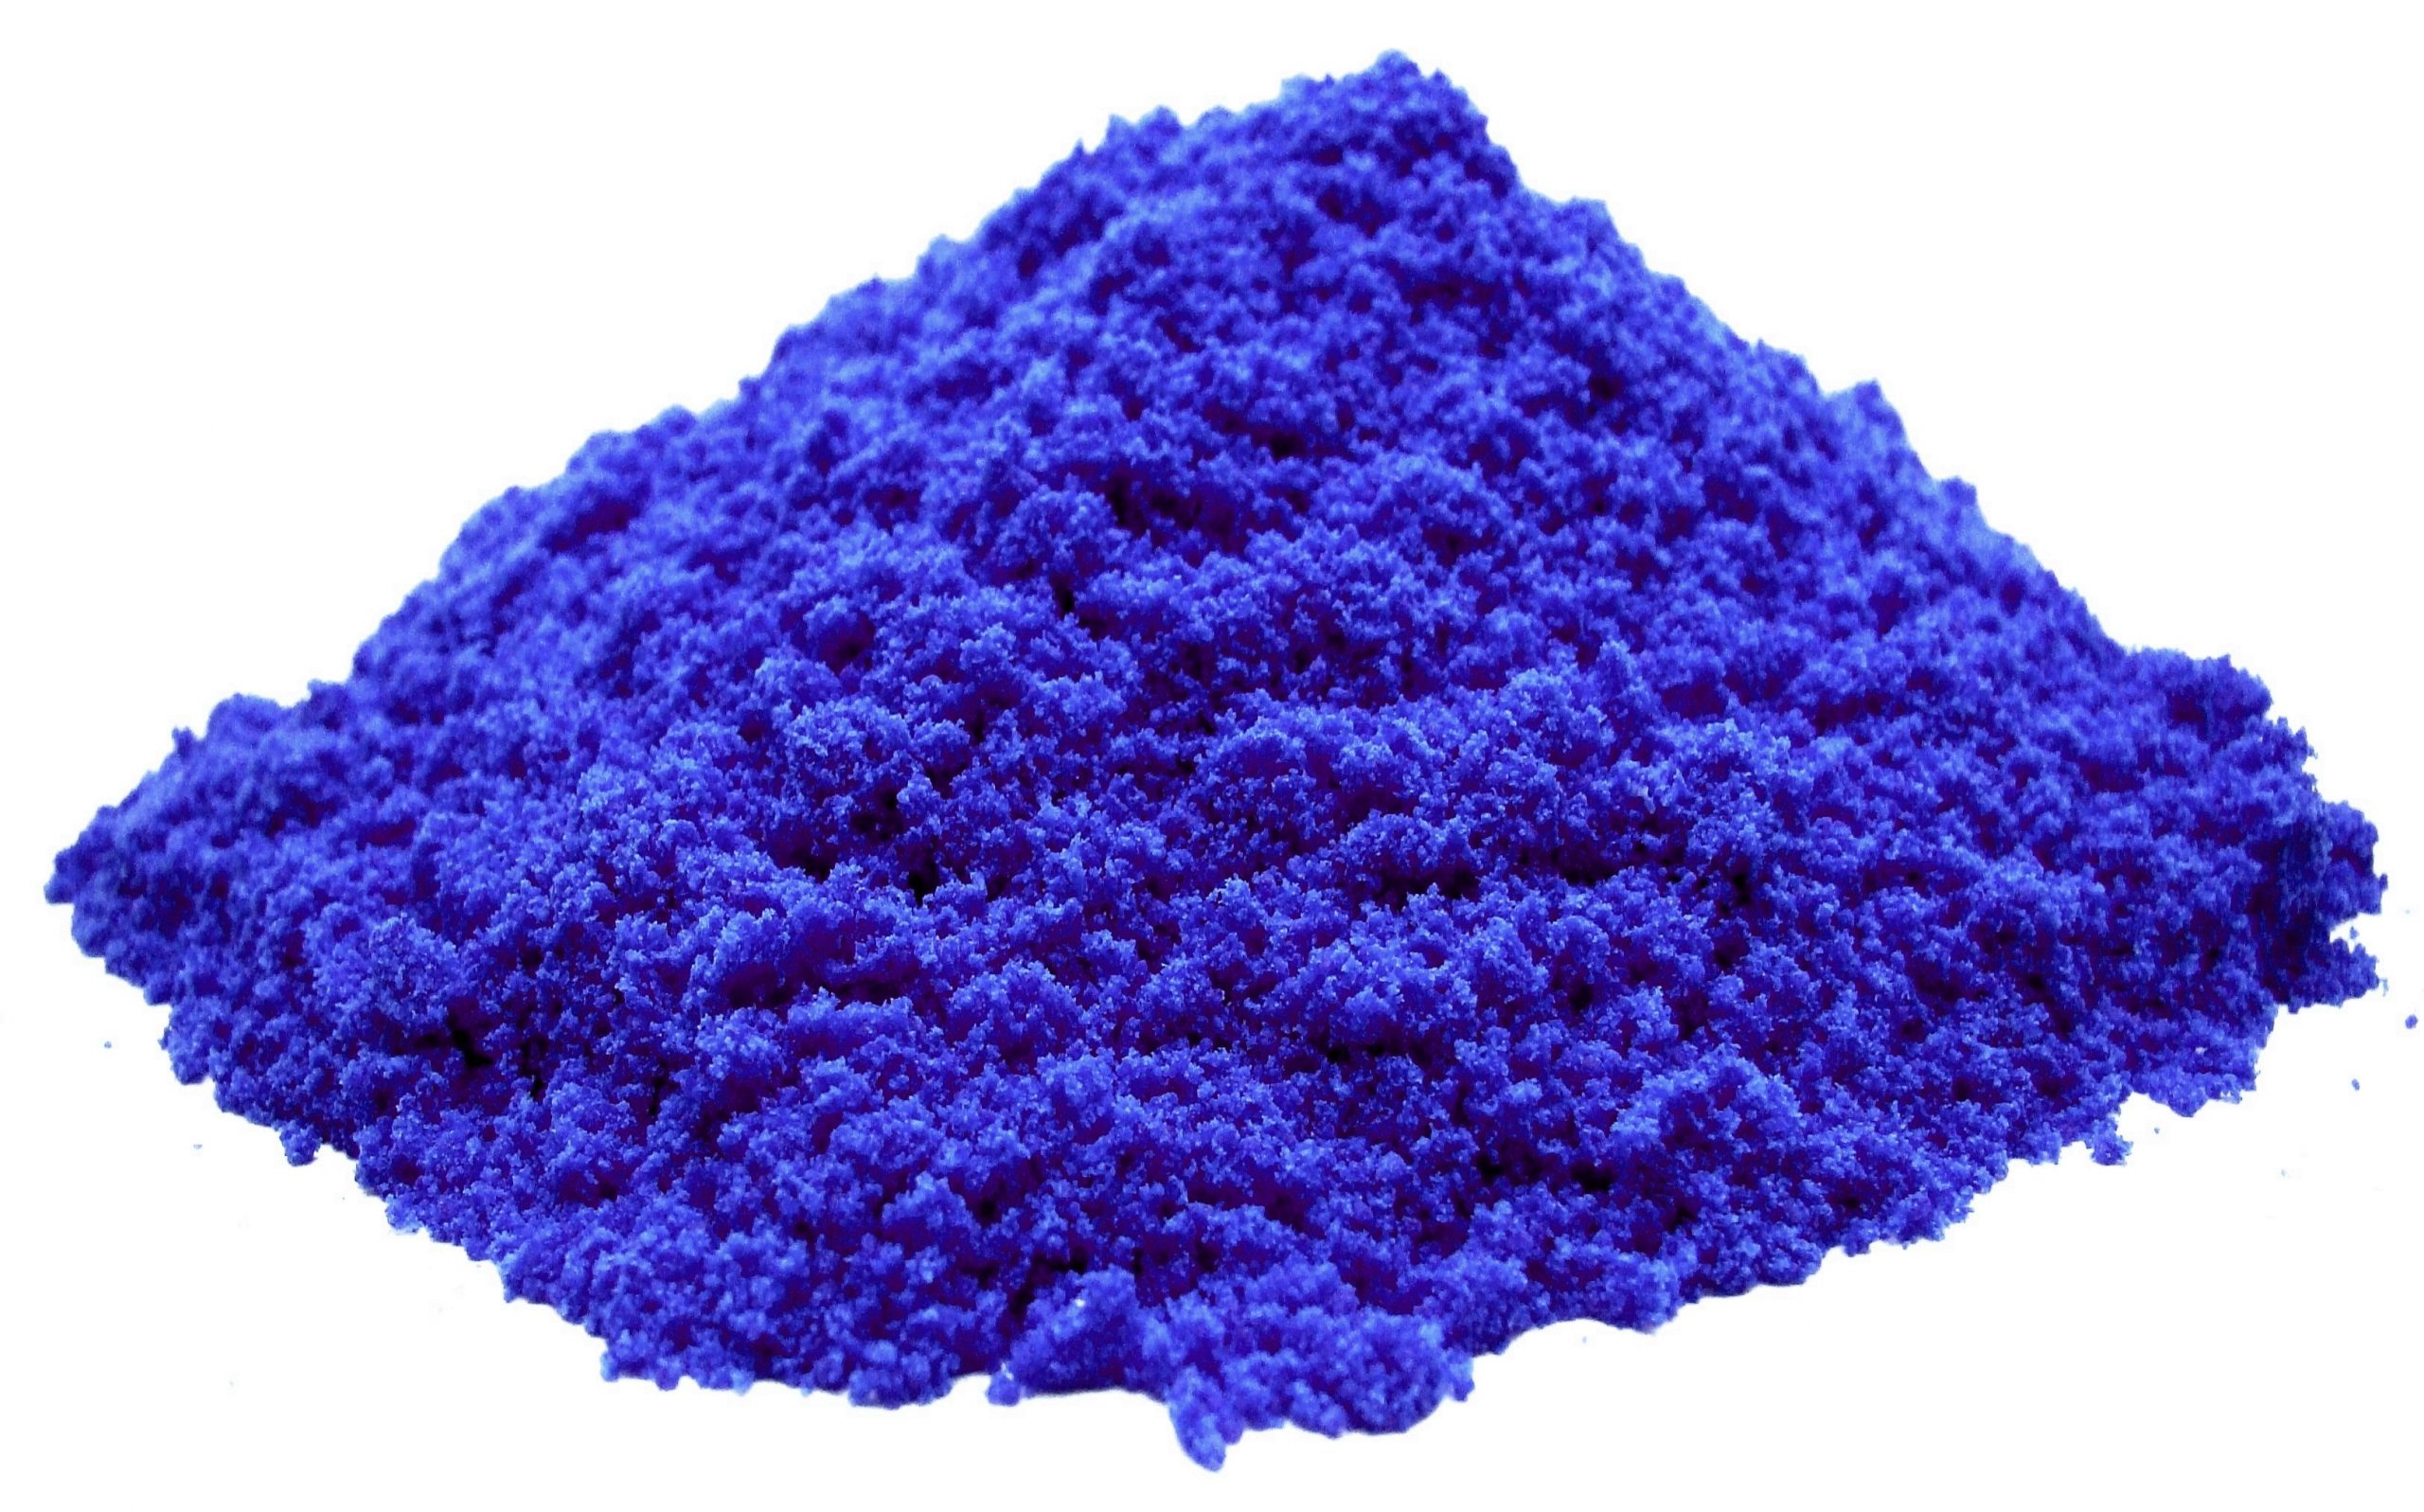 VanadySulfate-1-1-11